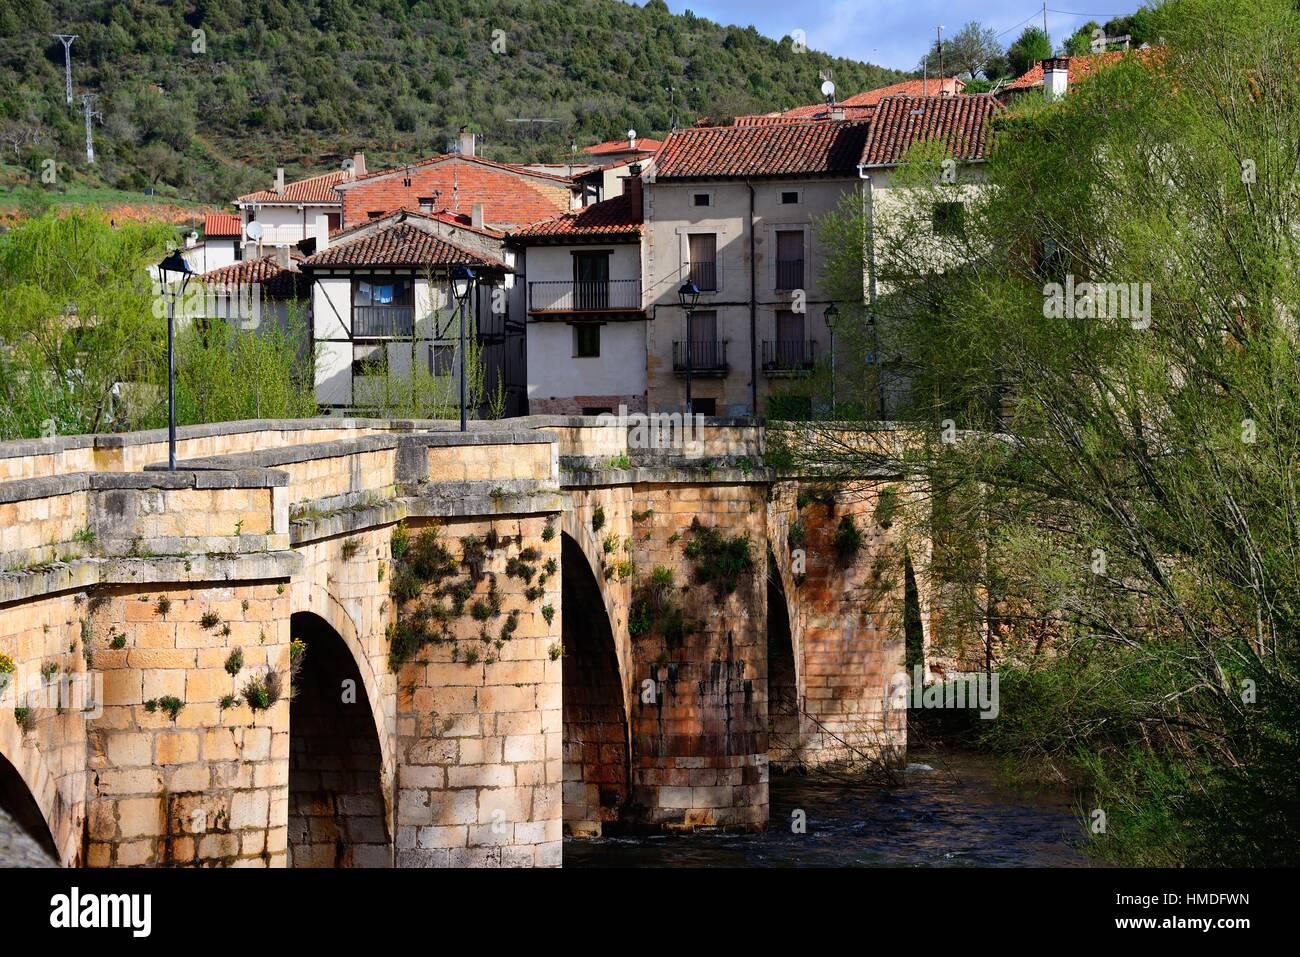 Ponte sul fiume arlanza la vecchia citt di covarrubias for Cabine sul bordo del fiume